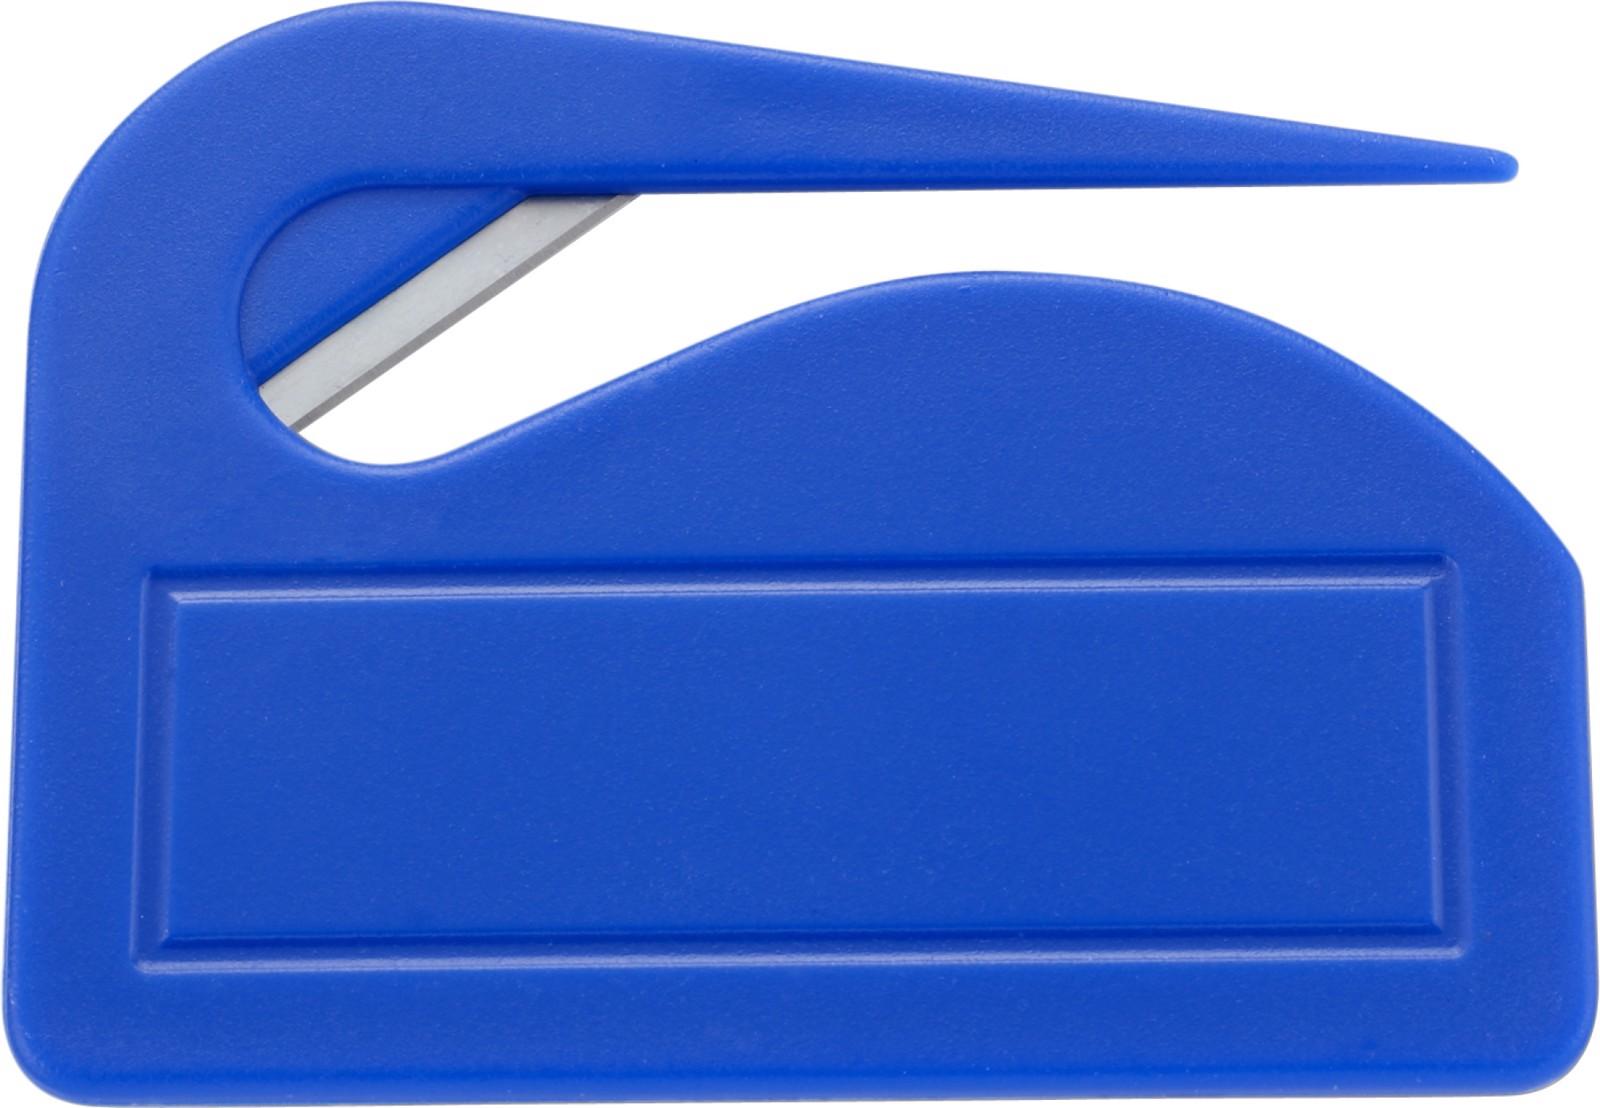 PS letter opener - Cobalt Blue